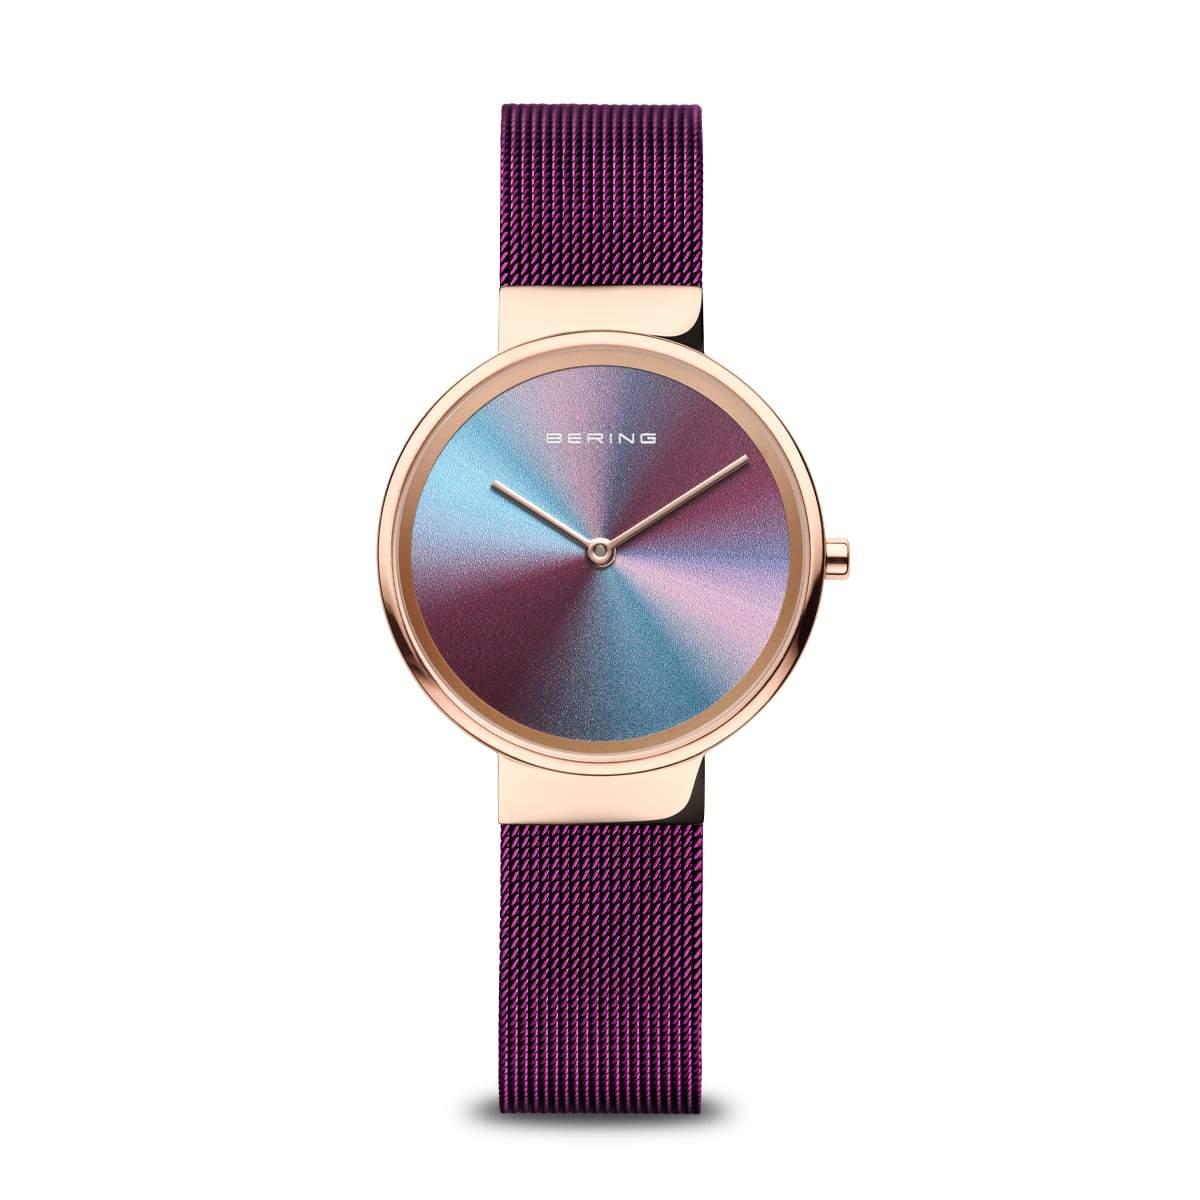 Bering Reloj de mujer Aniversario con esfera multicolor tornasolada y brazalete morado